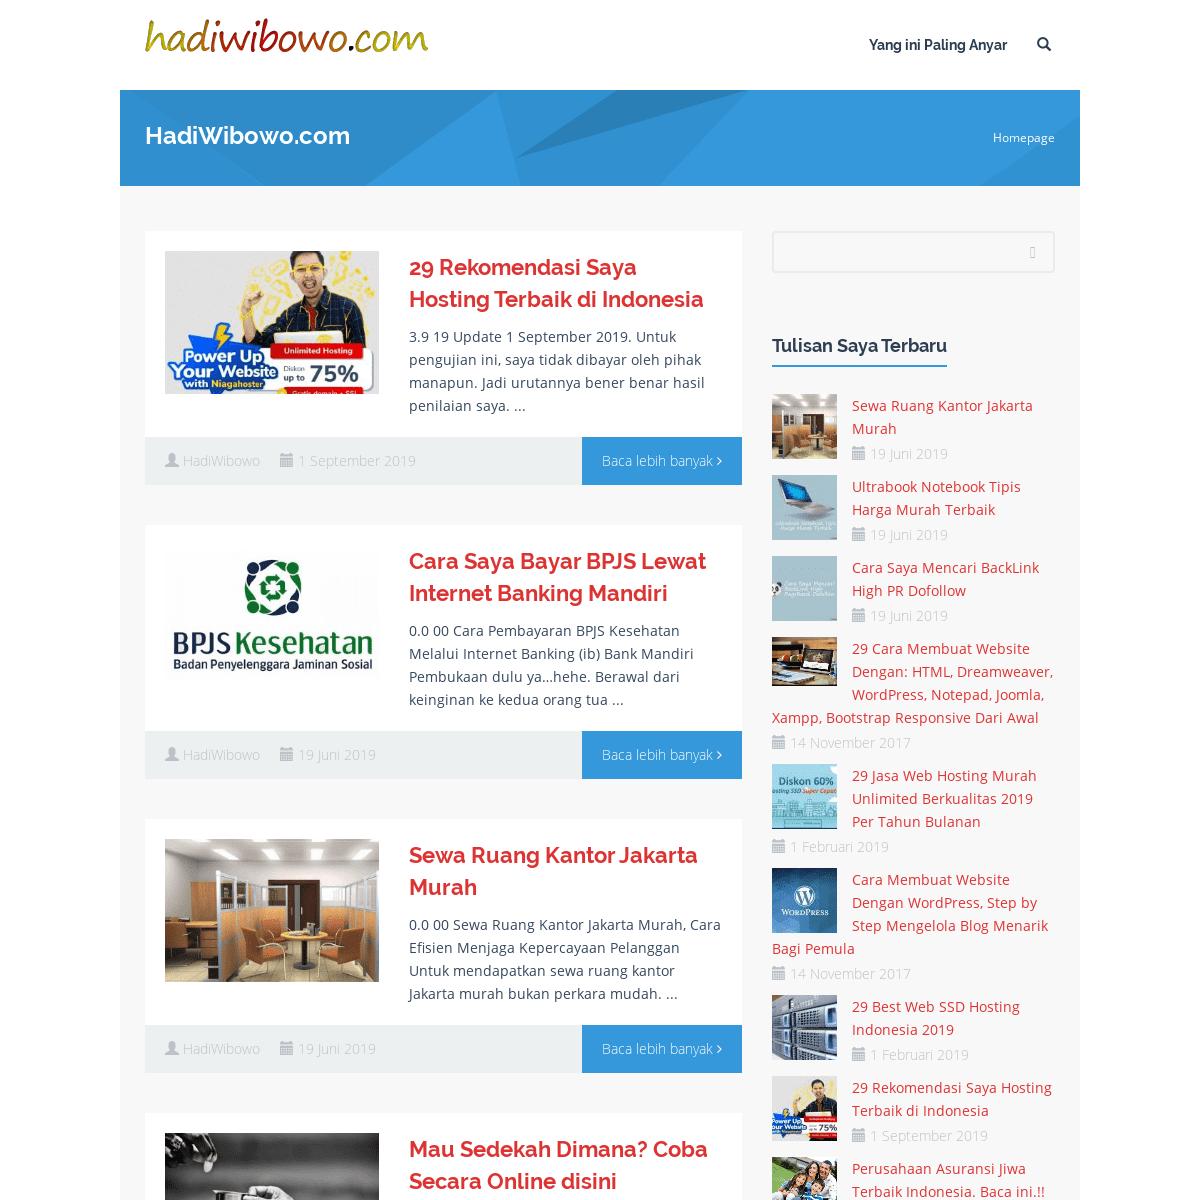 HadiWibowo.com